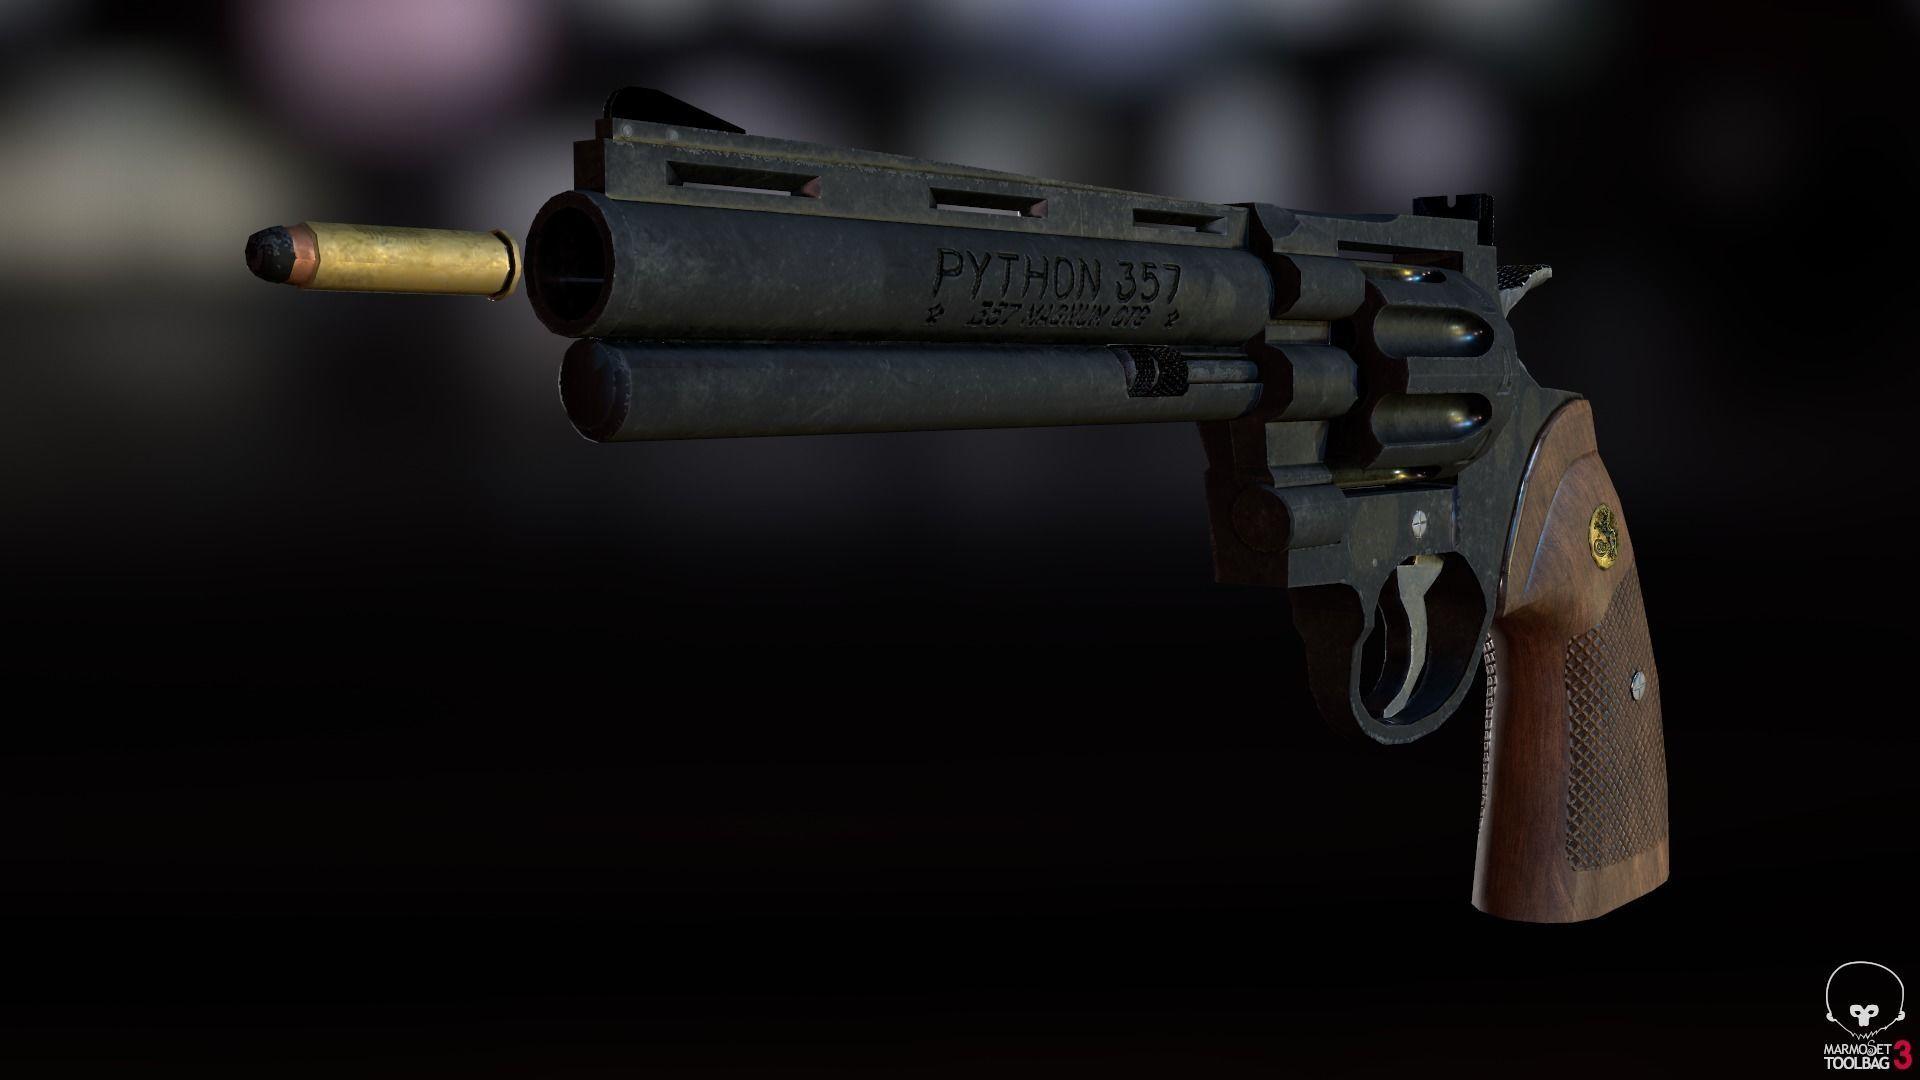 Magnum Colt Python 357 | 3D model